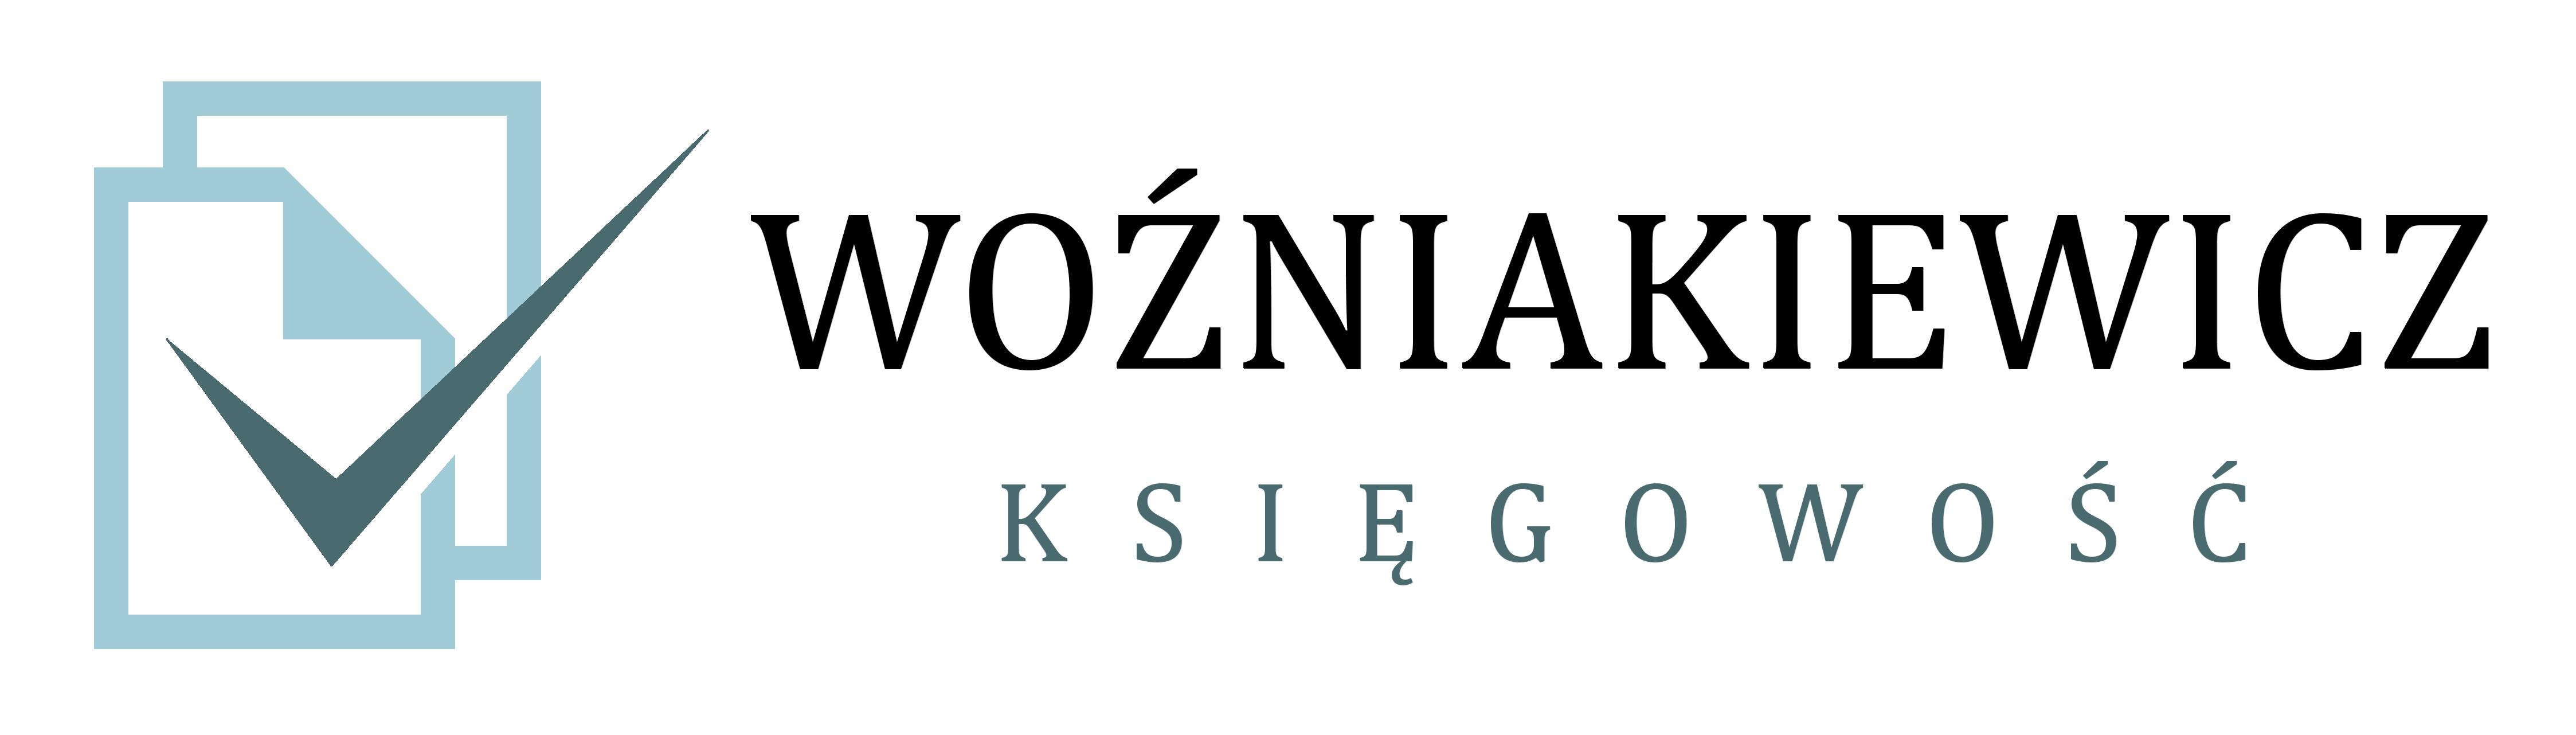 Blog Biuro Rachunkowe Woźniakiewicz Księgowość Bełchatów